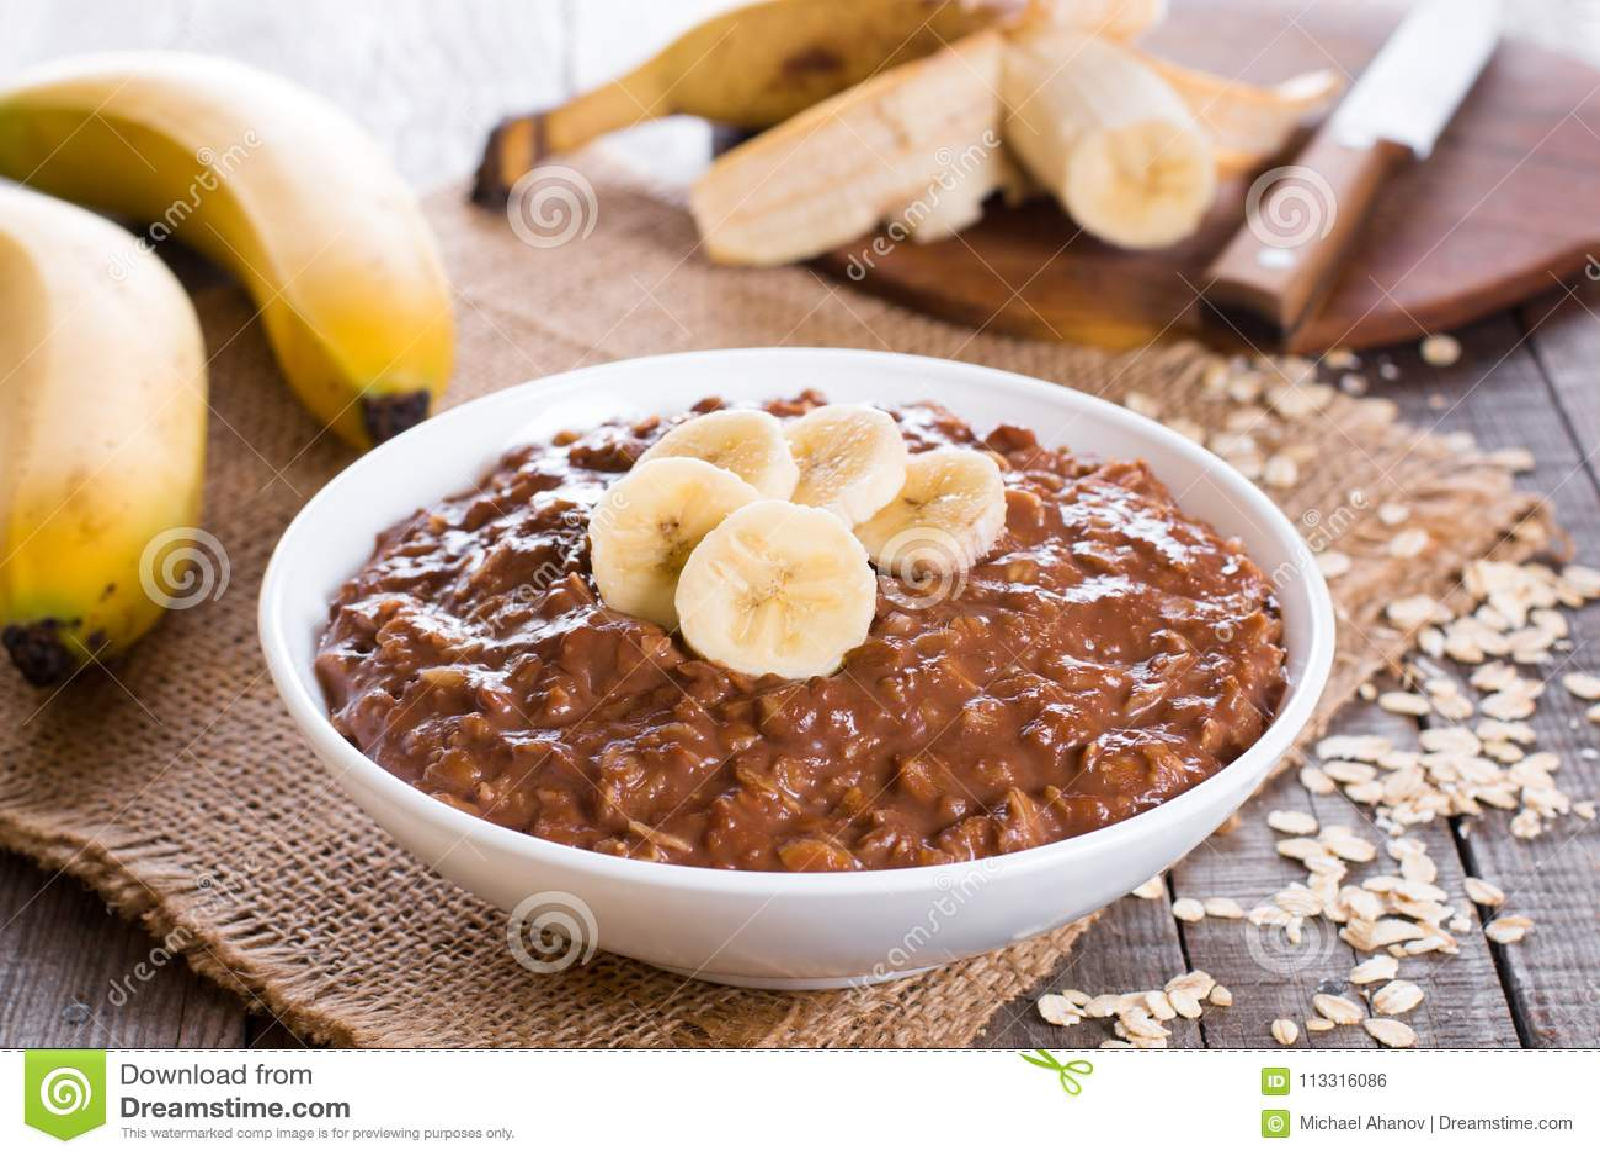 Roher Hafermehlbrei mit Banane und Schokolade